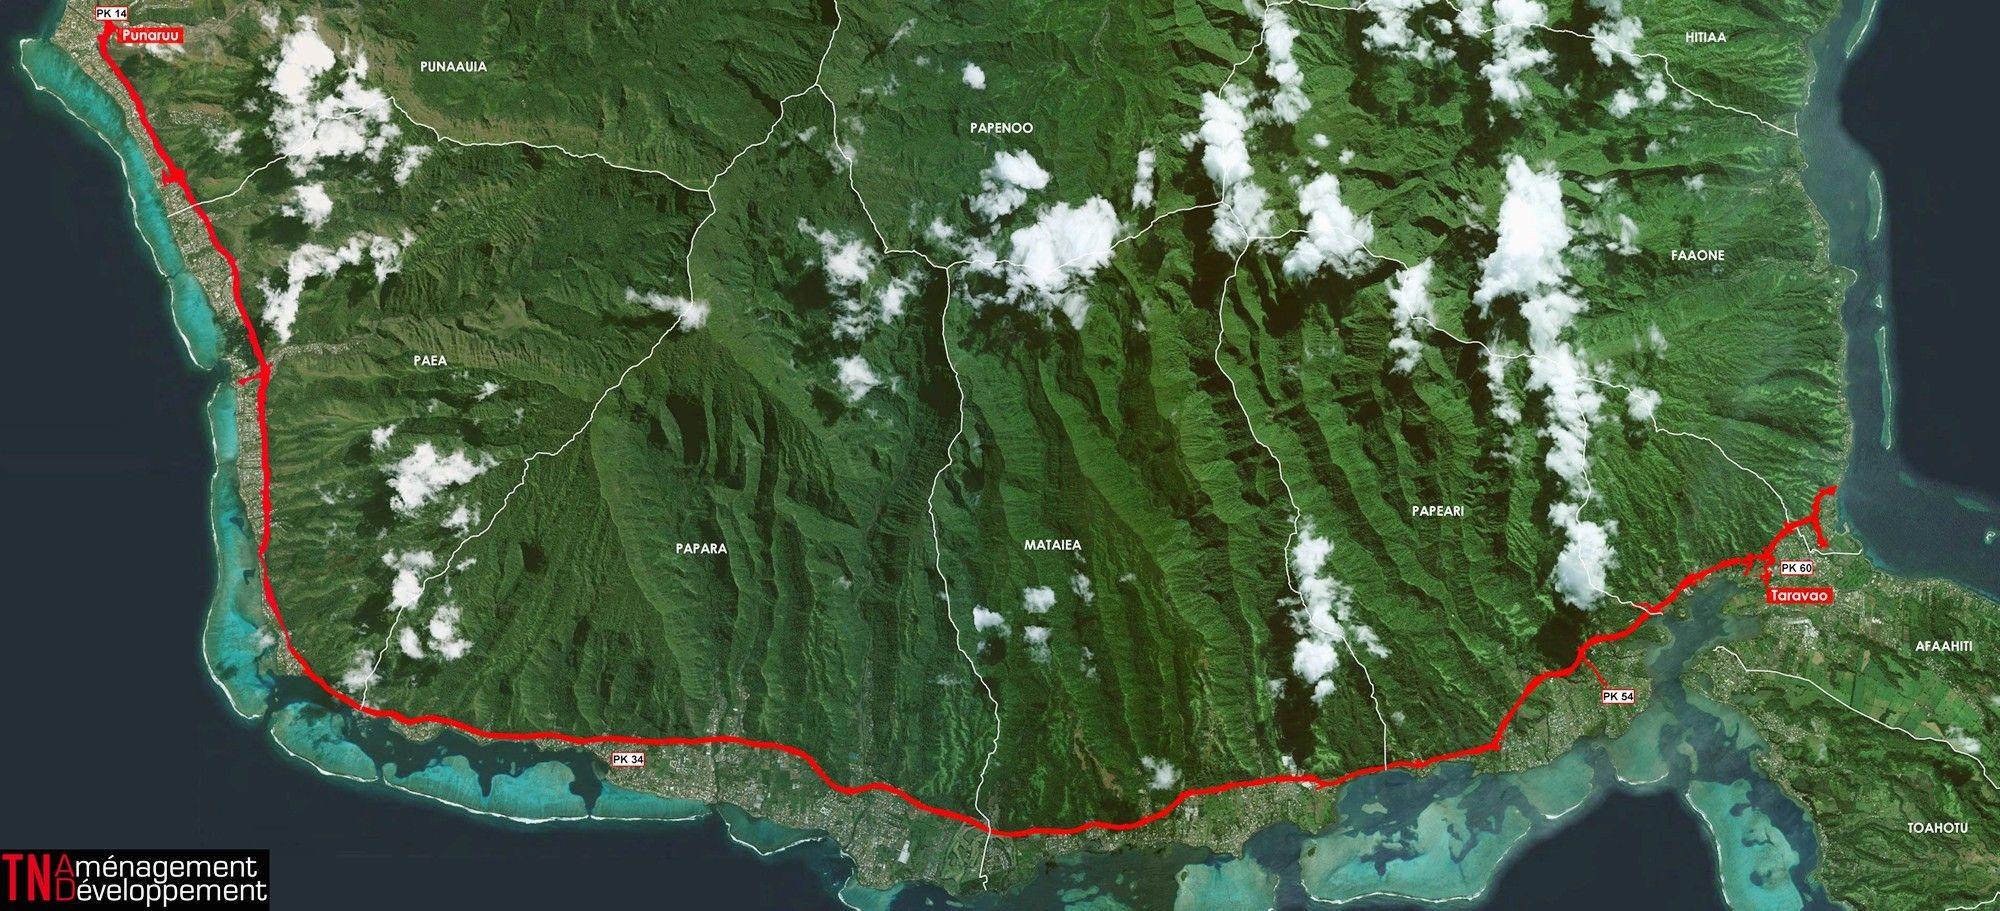 La Route du sud doit relier Punaauia à Taravao. Il s'agit d'une 2x2 voies dans la continuité de la RDO et de la route des plaines.